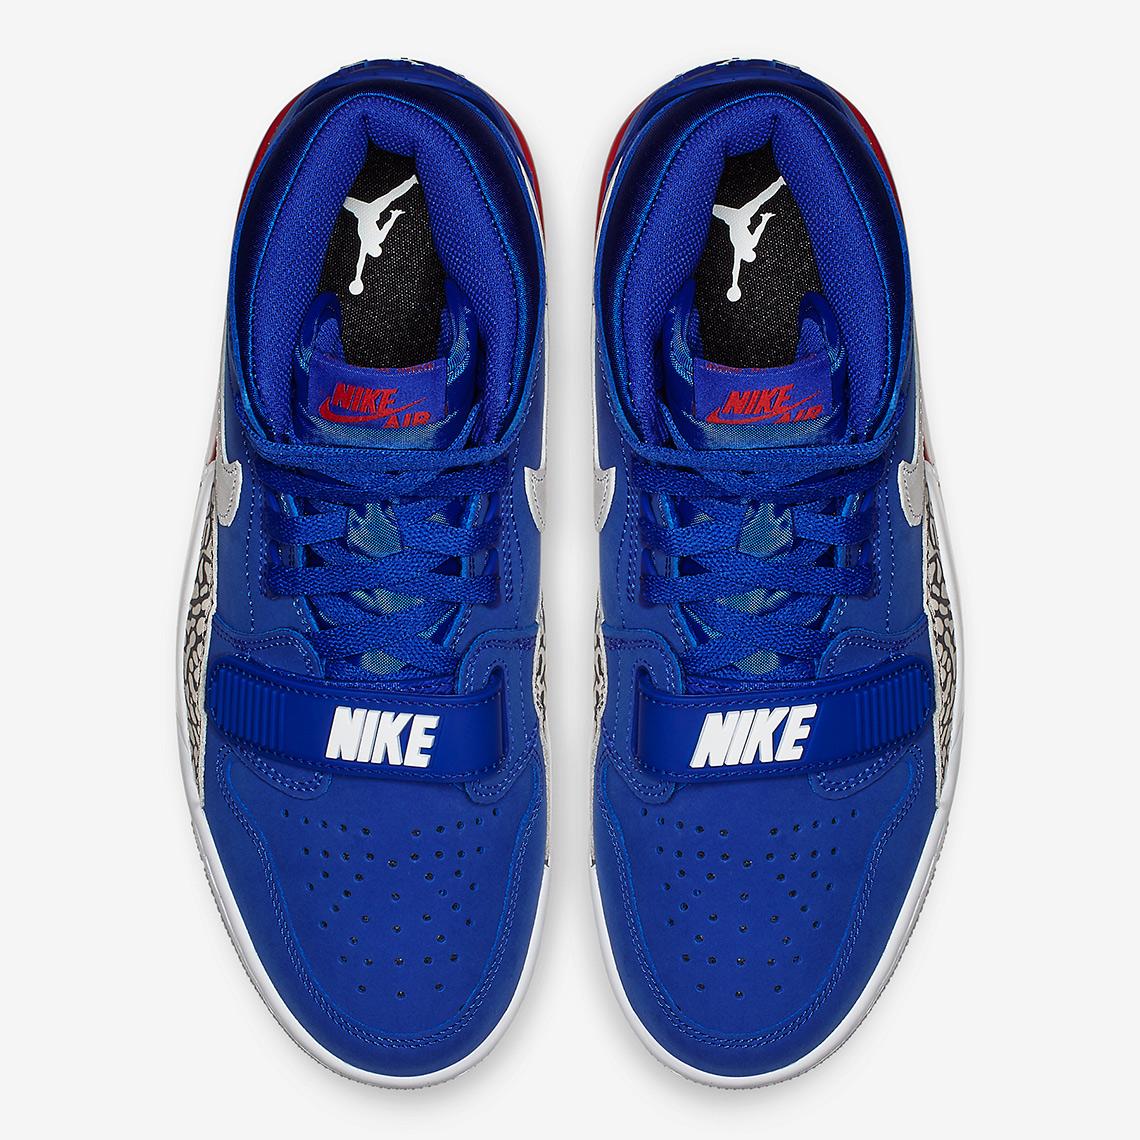 pretty nice 9a0f6 f3e4a Jordan Legacy 312 Kicks + Lakers + Pistons Release Info ...